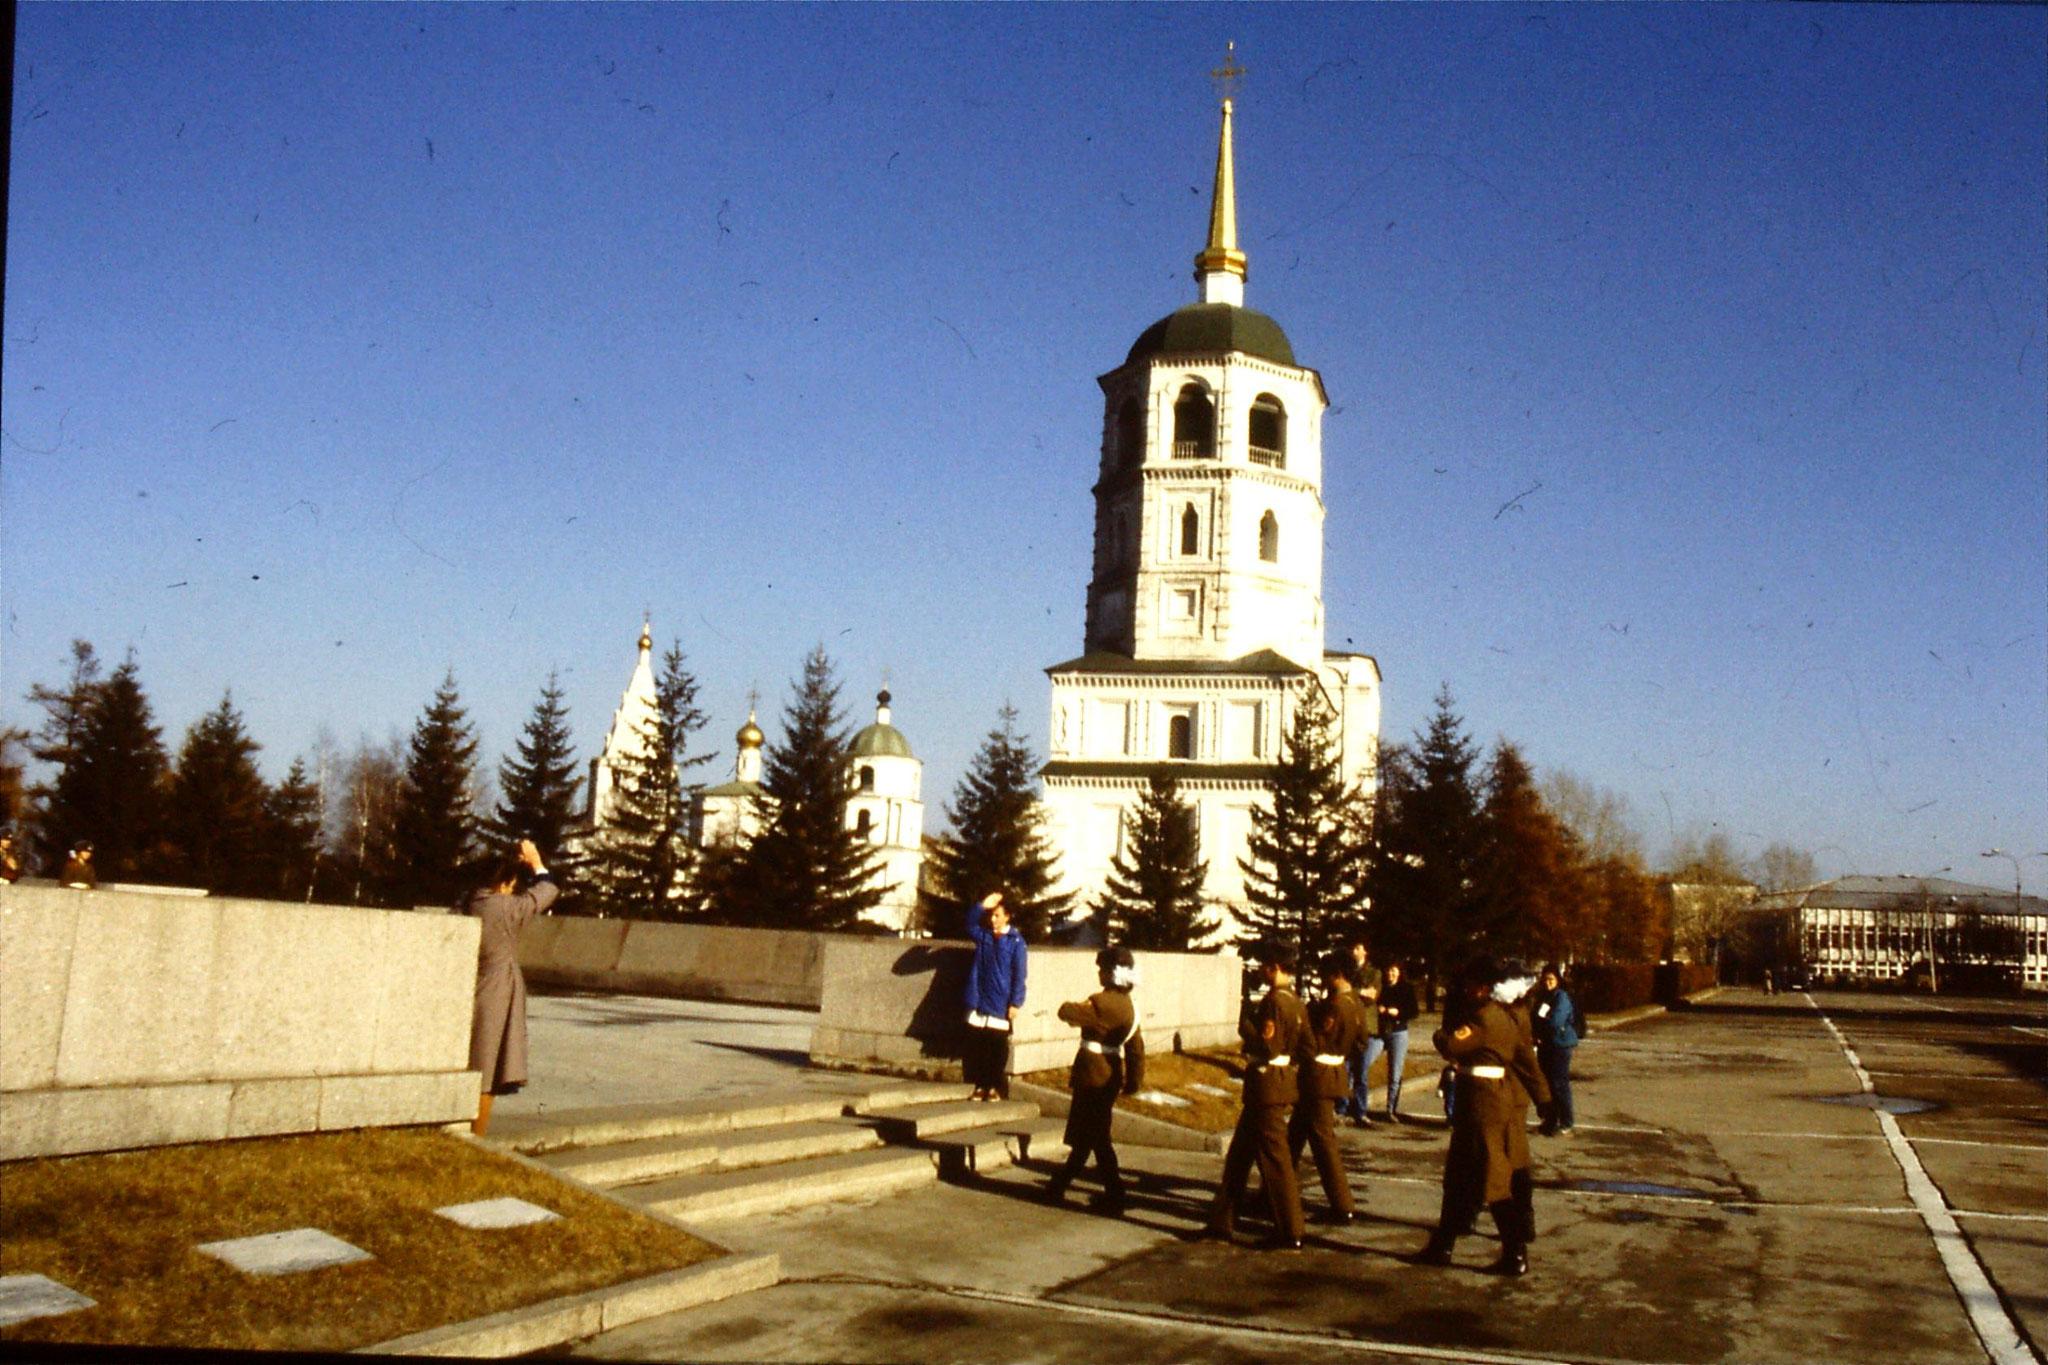 24/10/1988: 7: Irkutsk war memorial